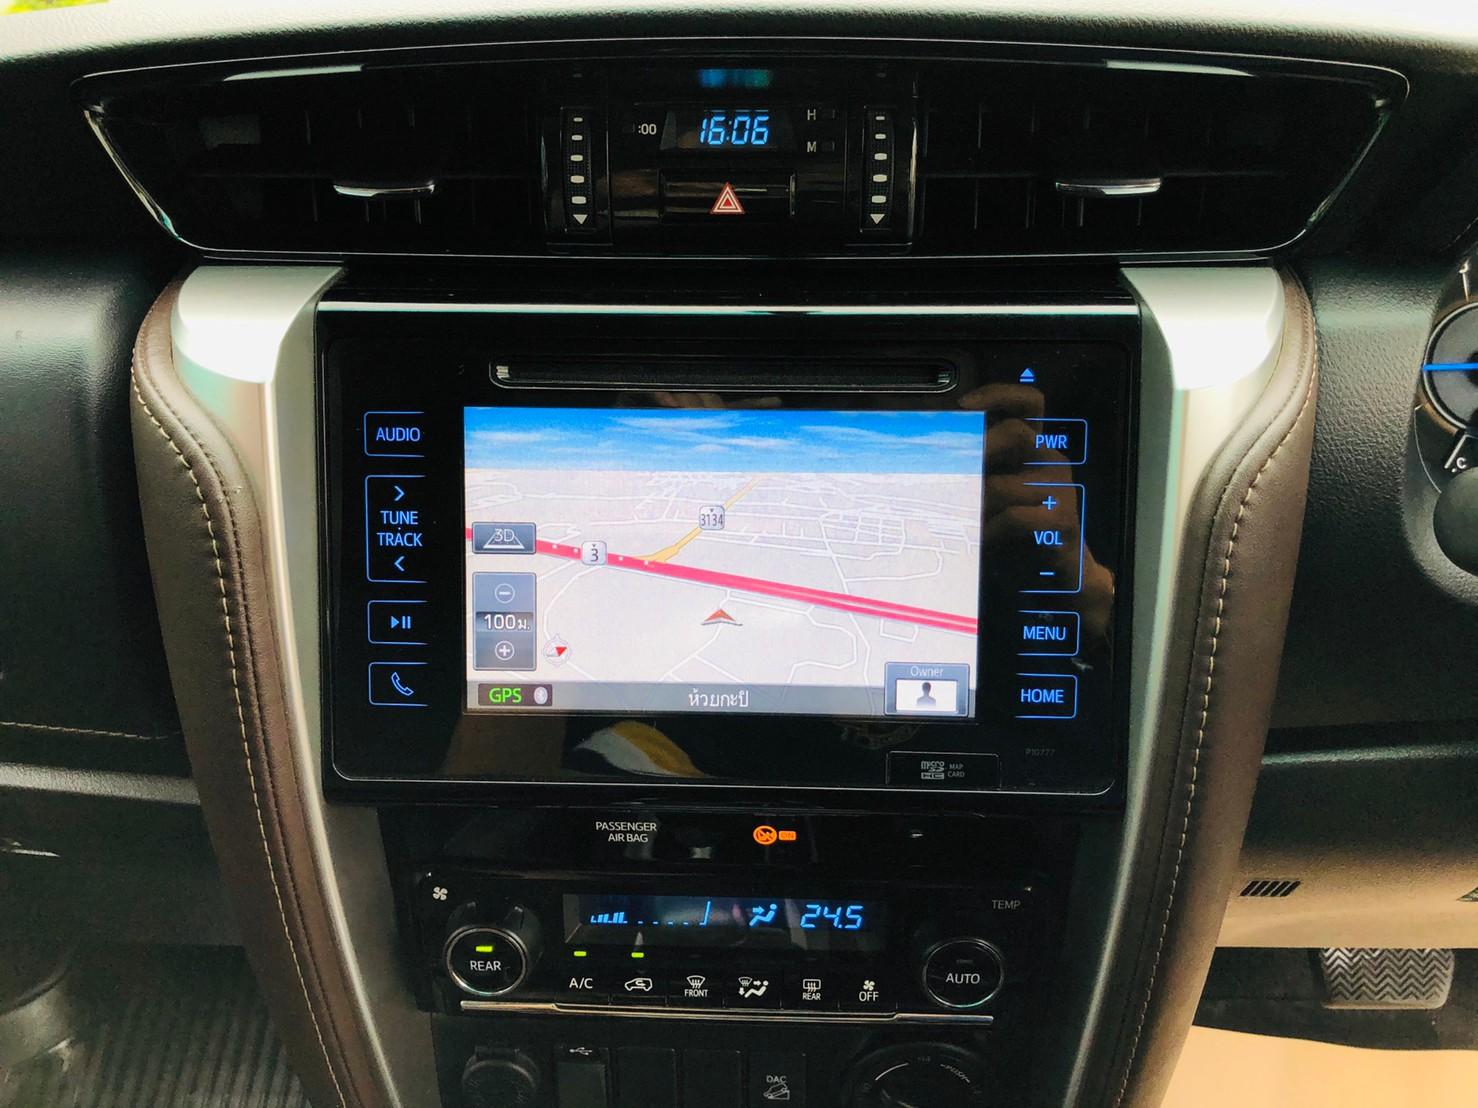 ภาพระบบนำทาง โตโยต้า ฟอร์จูนเนอร์ 2.4 V 4WD ปี 2018